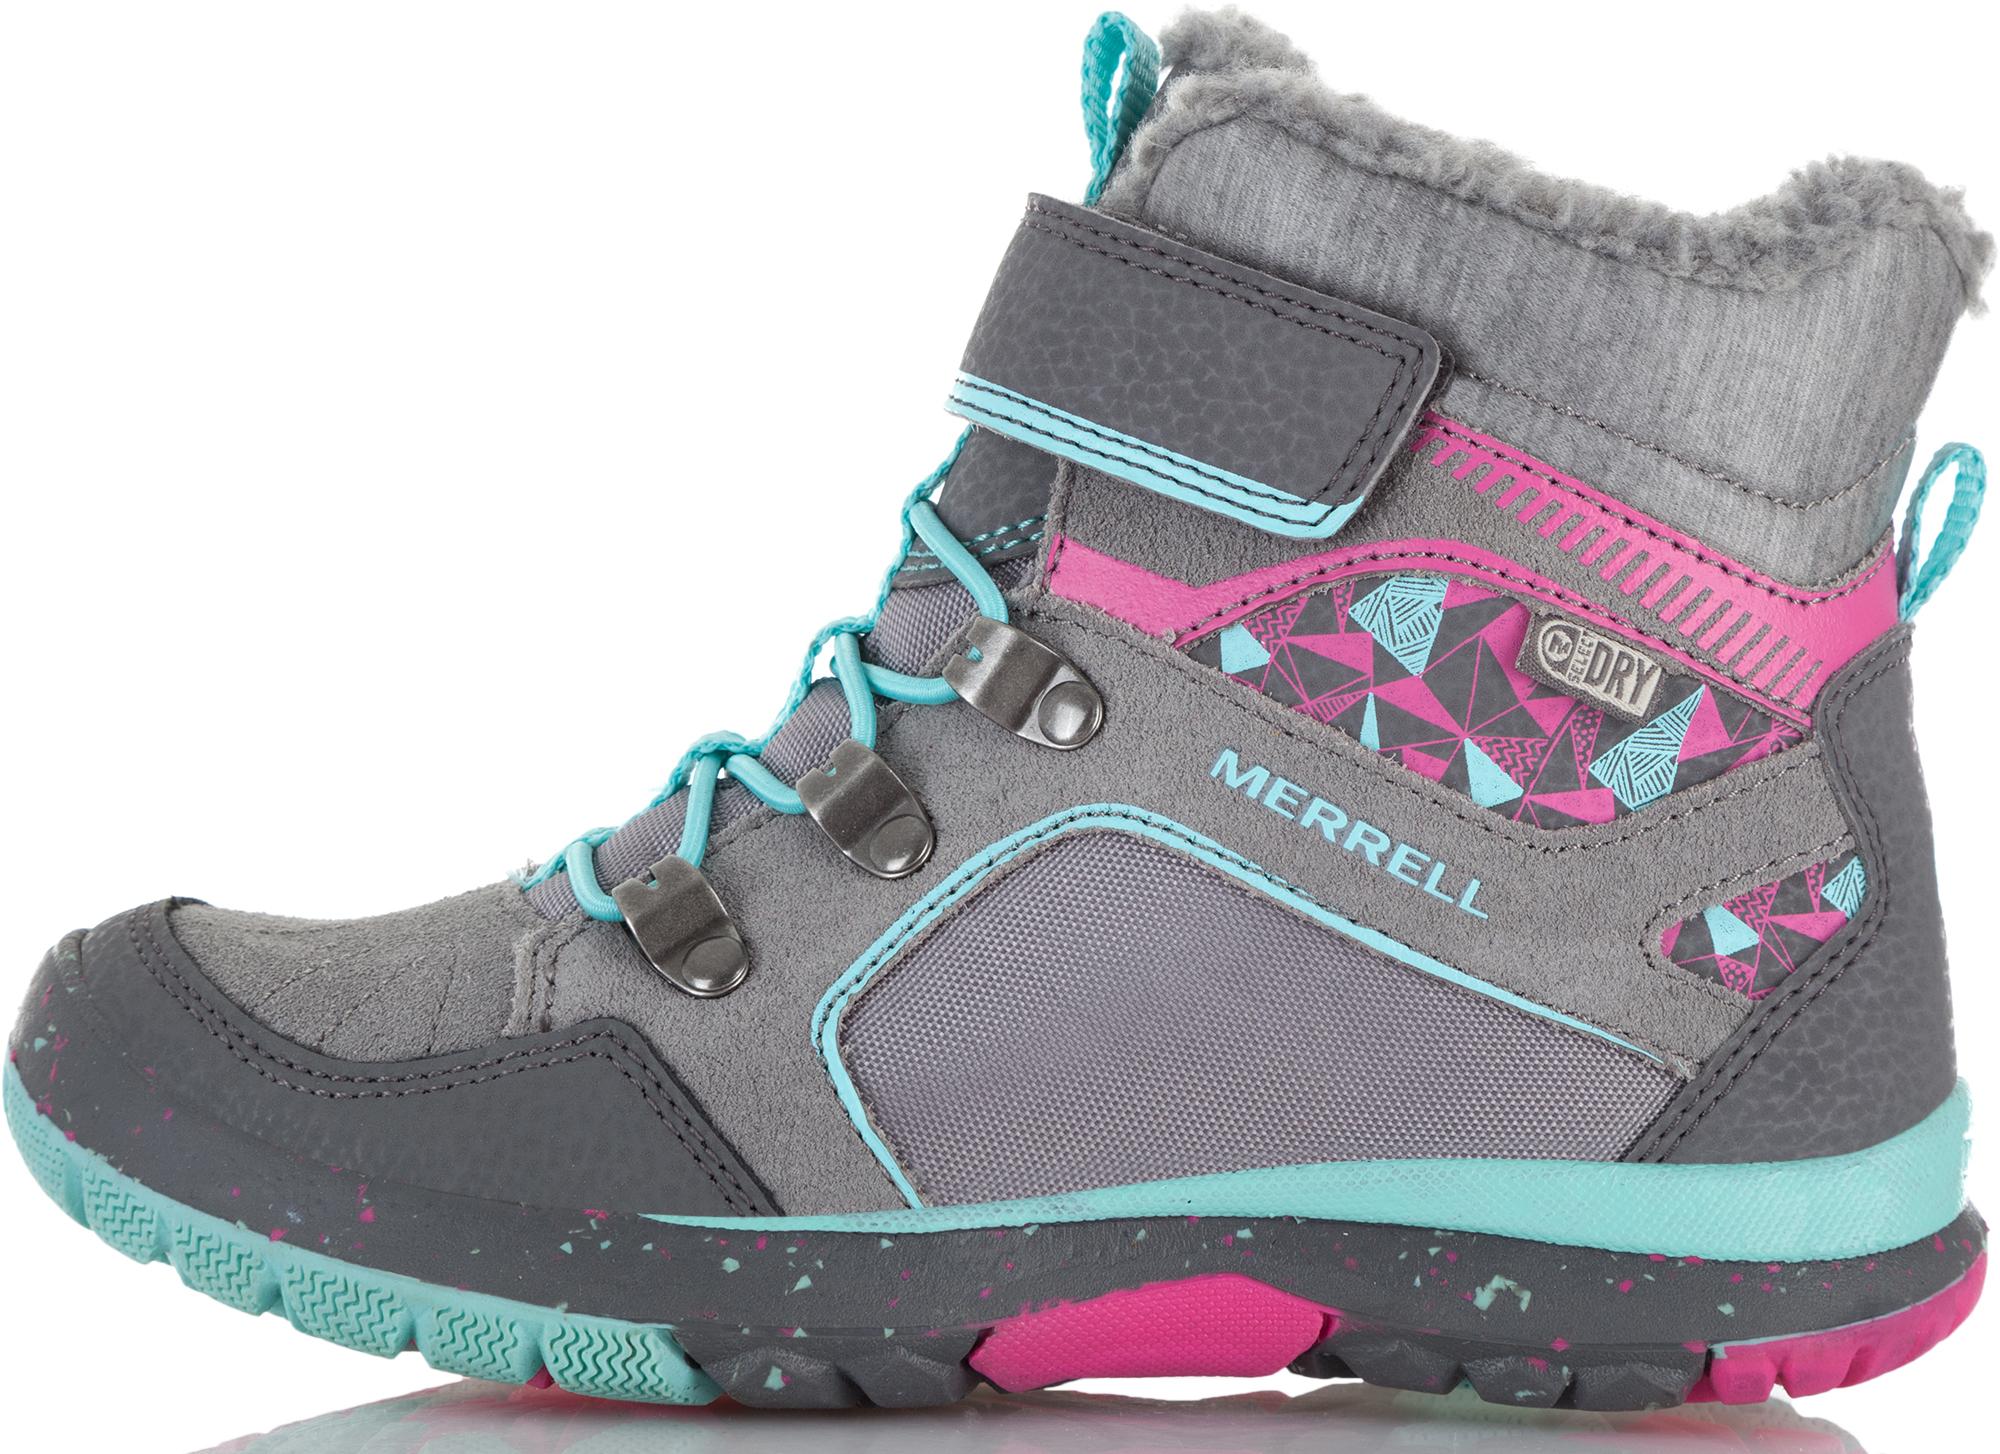 купить Merrell Ботинки утепленные для девочек Merrell Moab Fst Polar, размер 33 онлайн